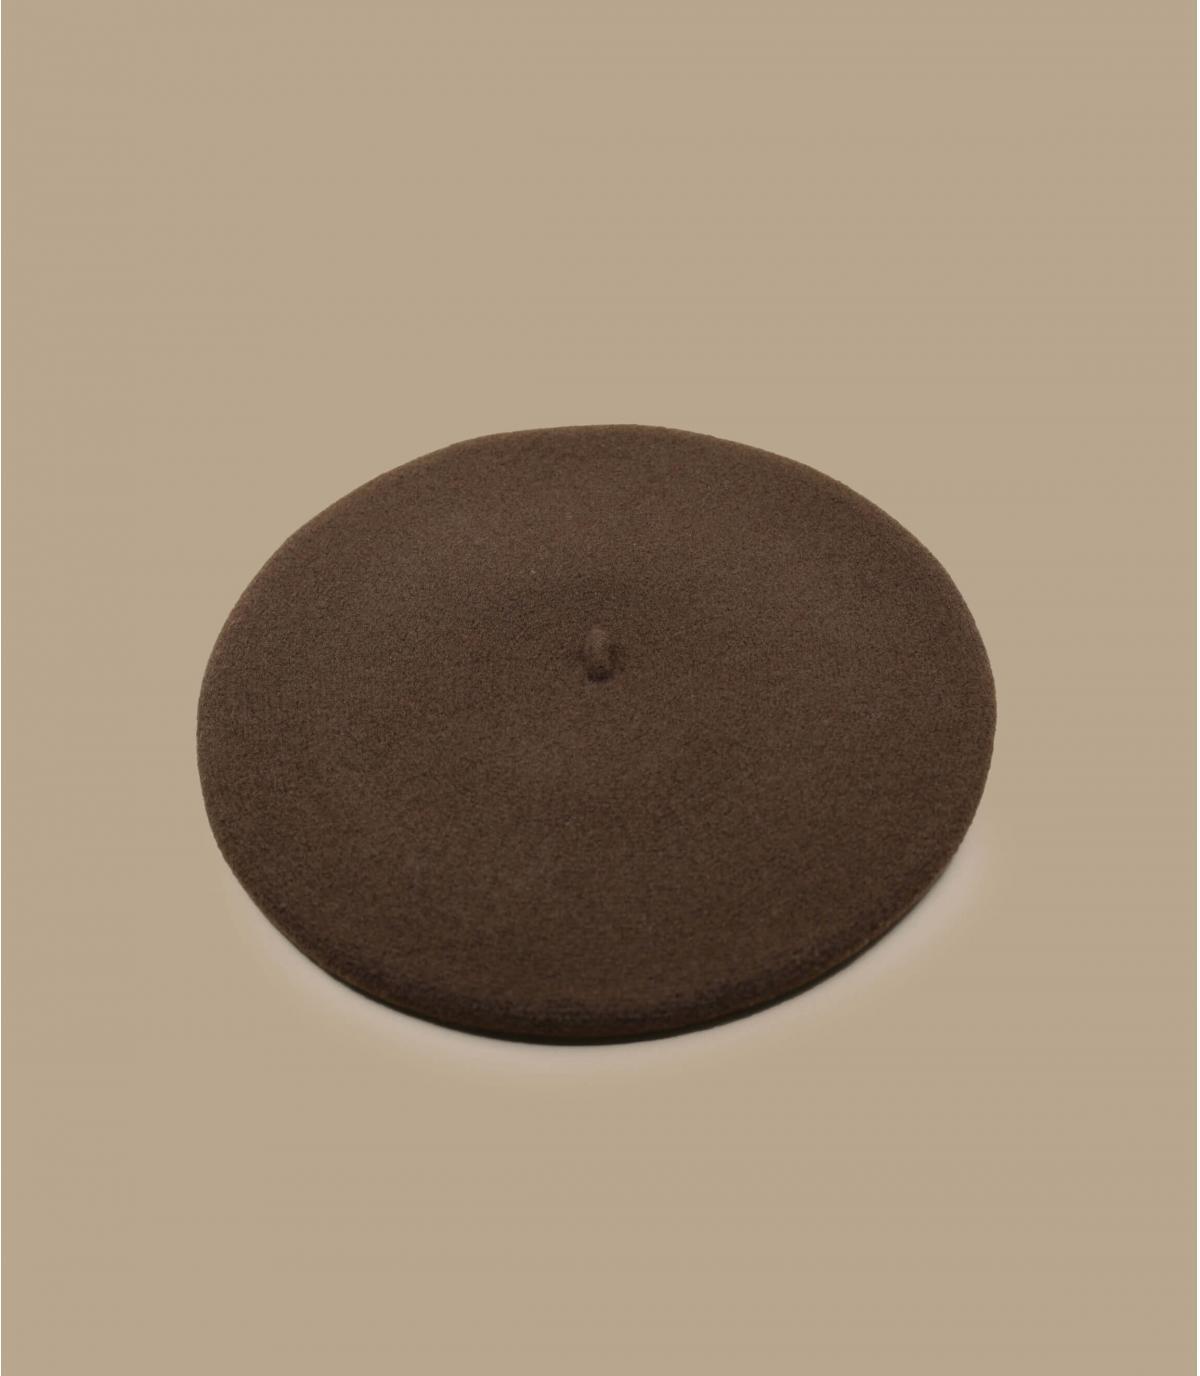 Détails Paris cacao - image 2